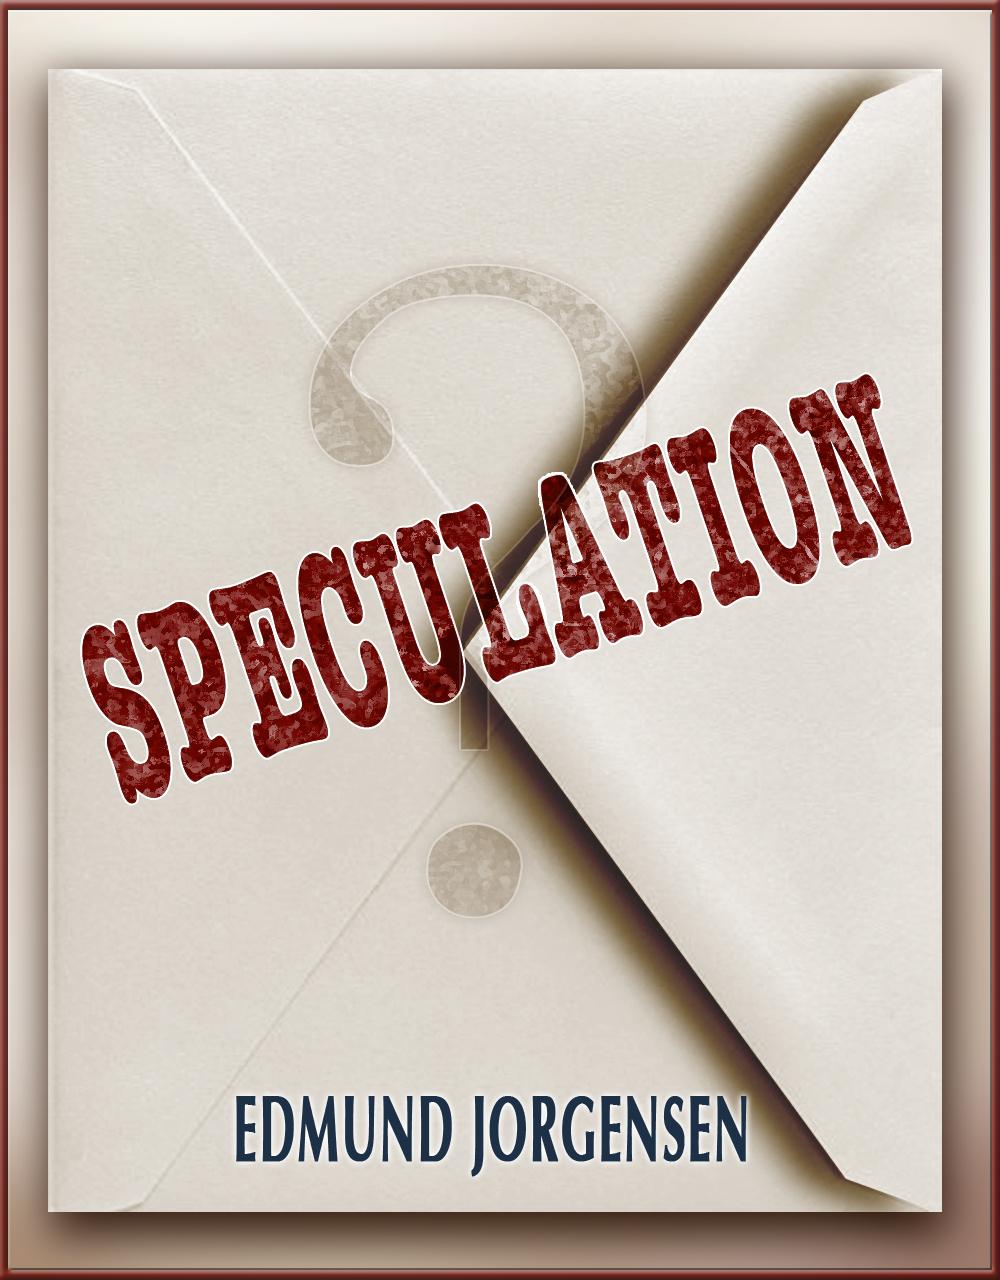 Speculation BC